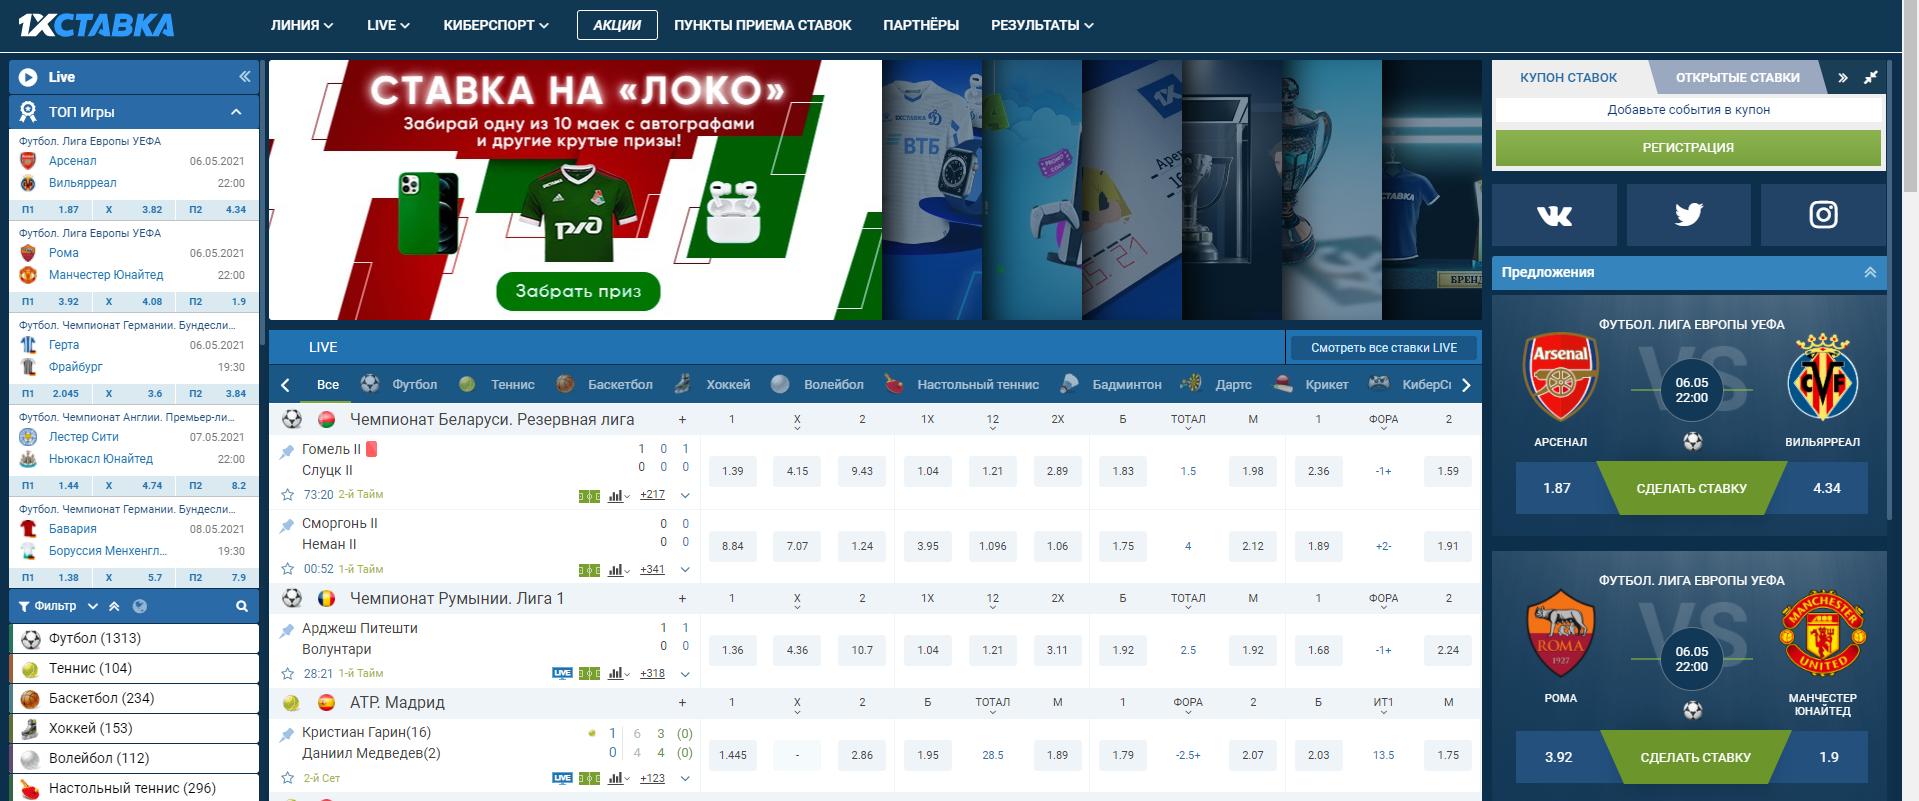 Букмекерские конторы в Москве: рейтинг